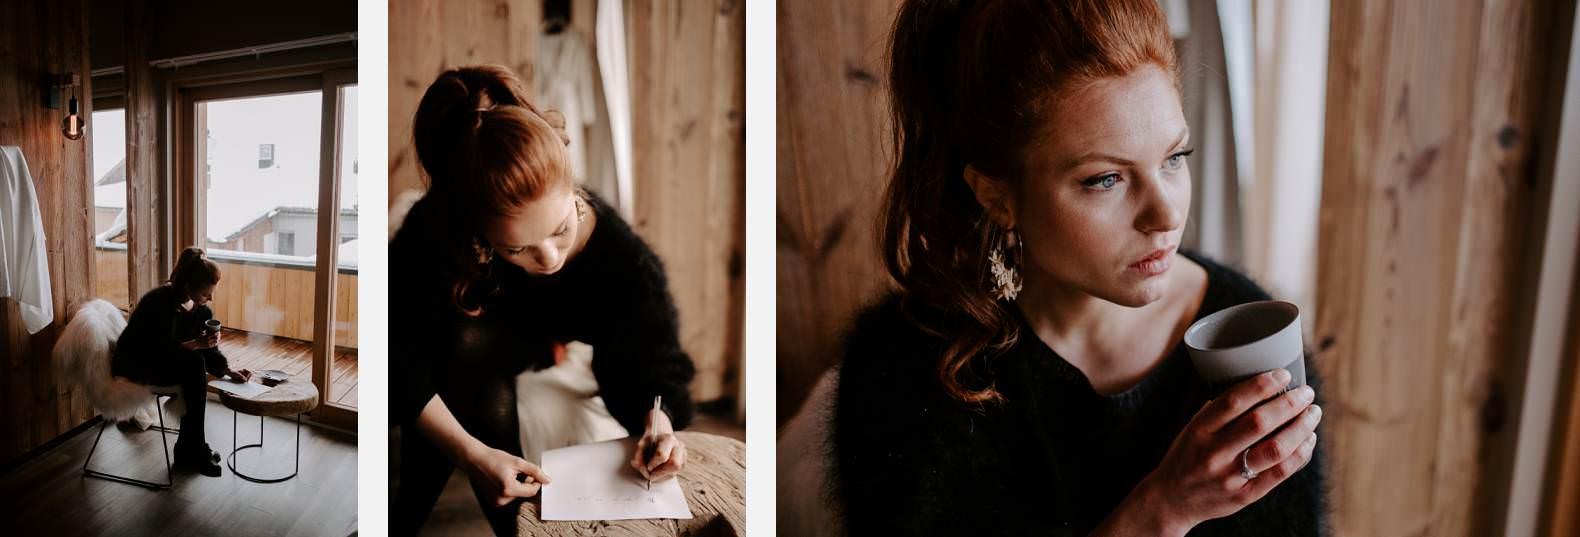 mariage hiver alpes huez isere hotel grandes rousses photographe bel esprit 0013